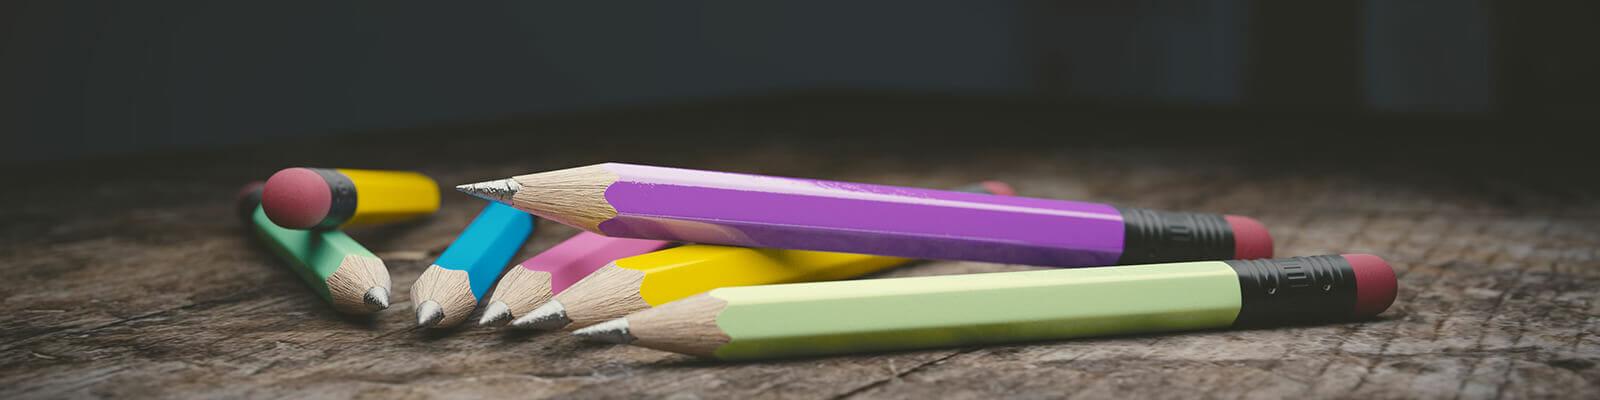 ceruzák az asztalon